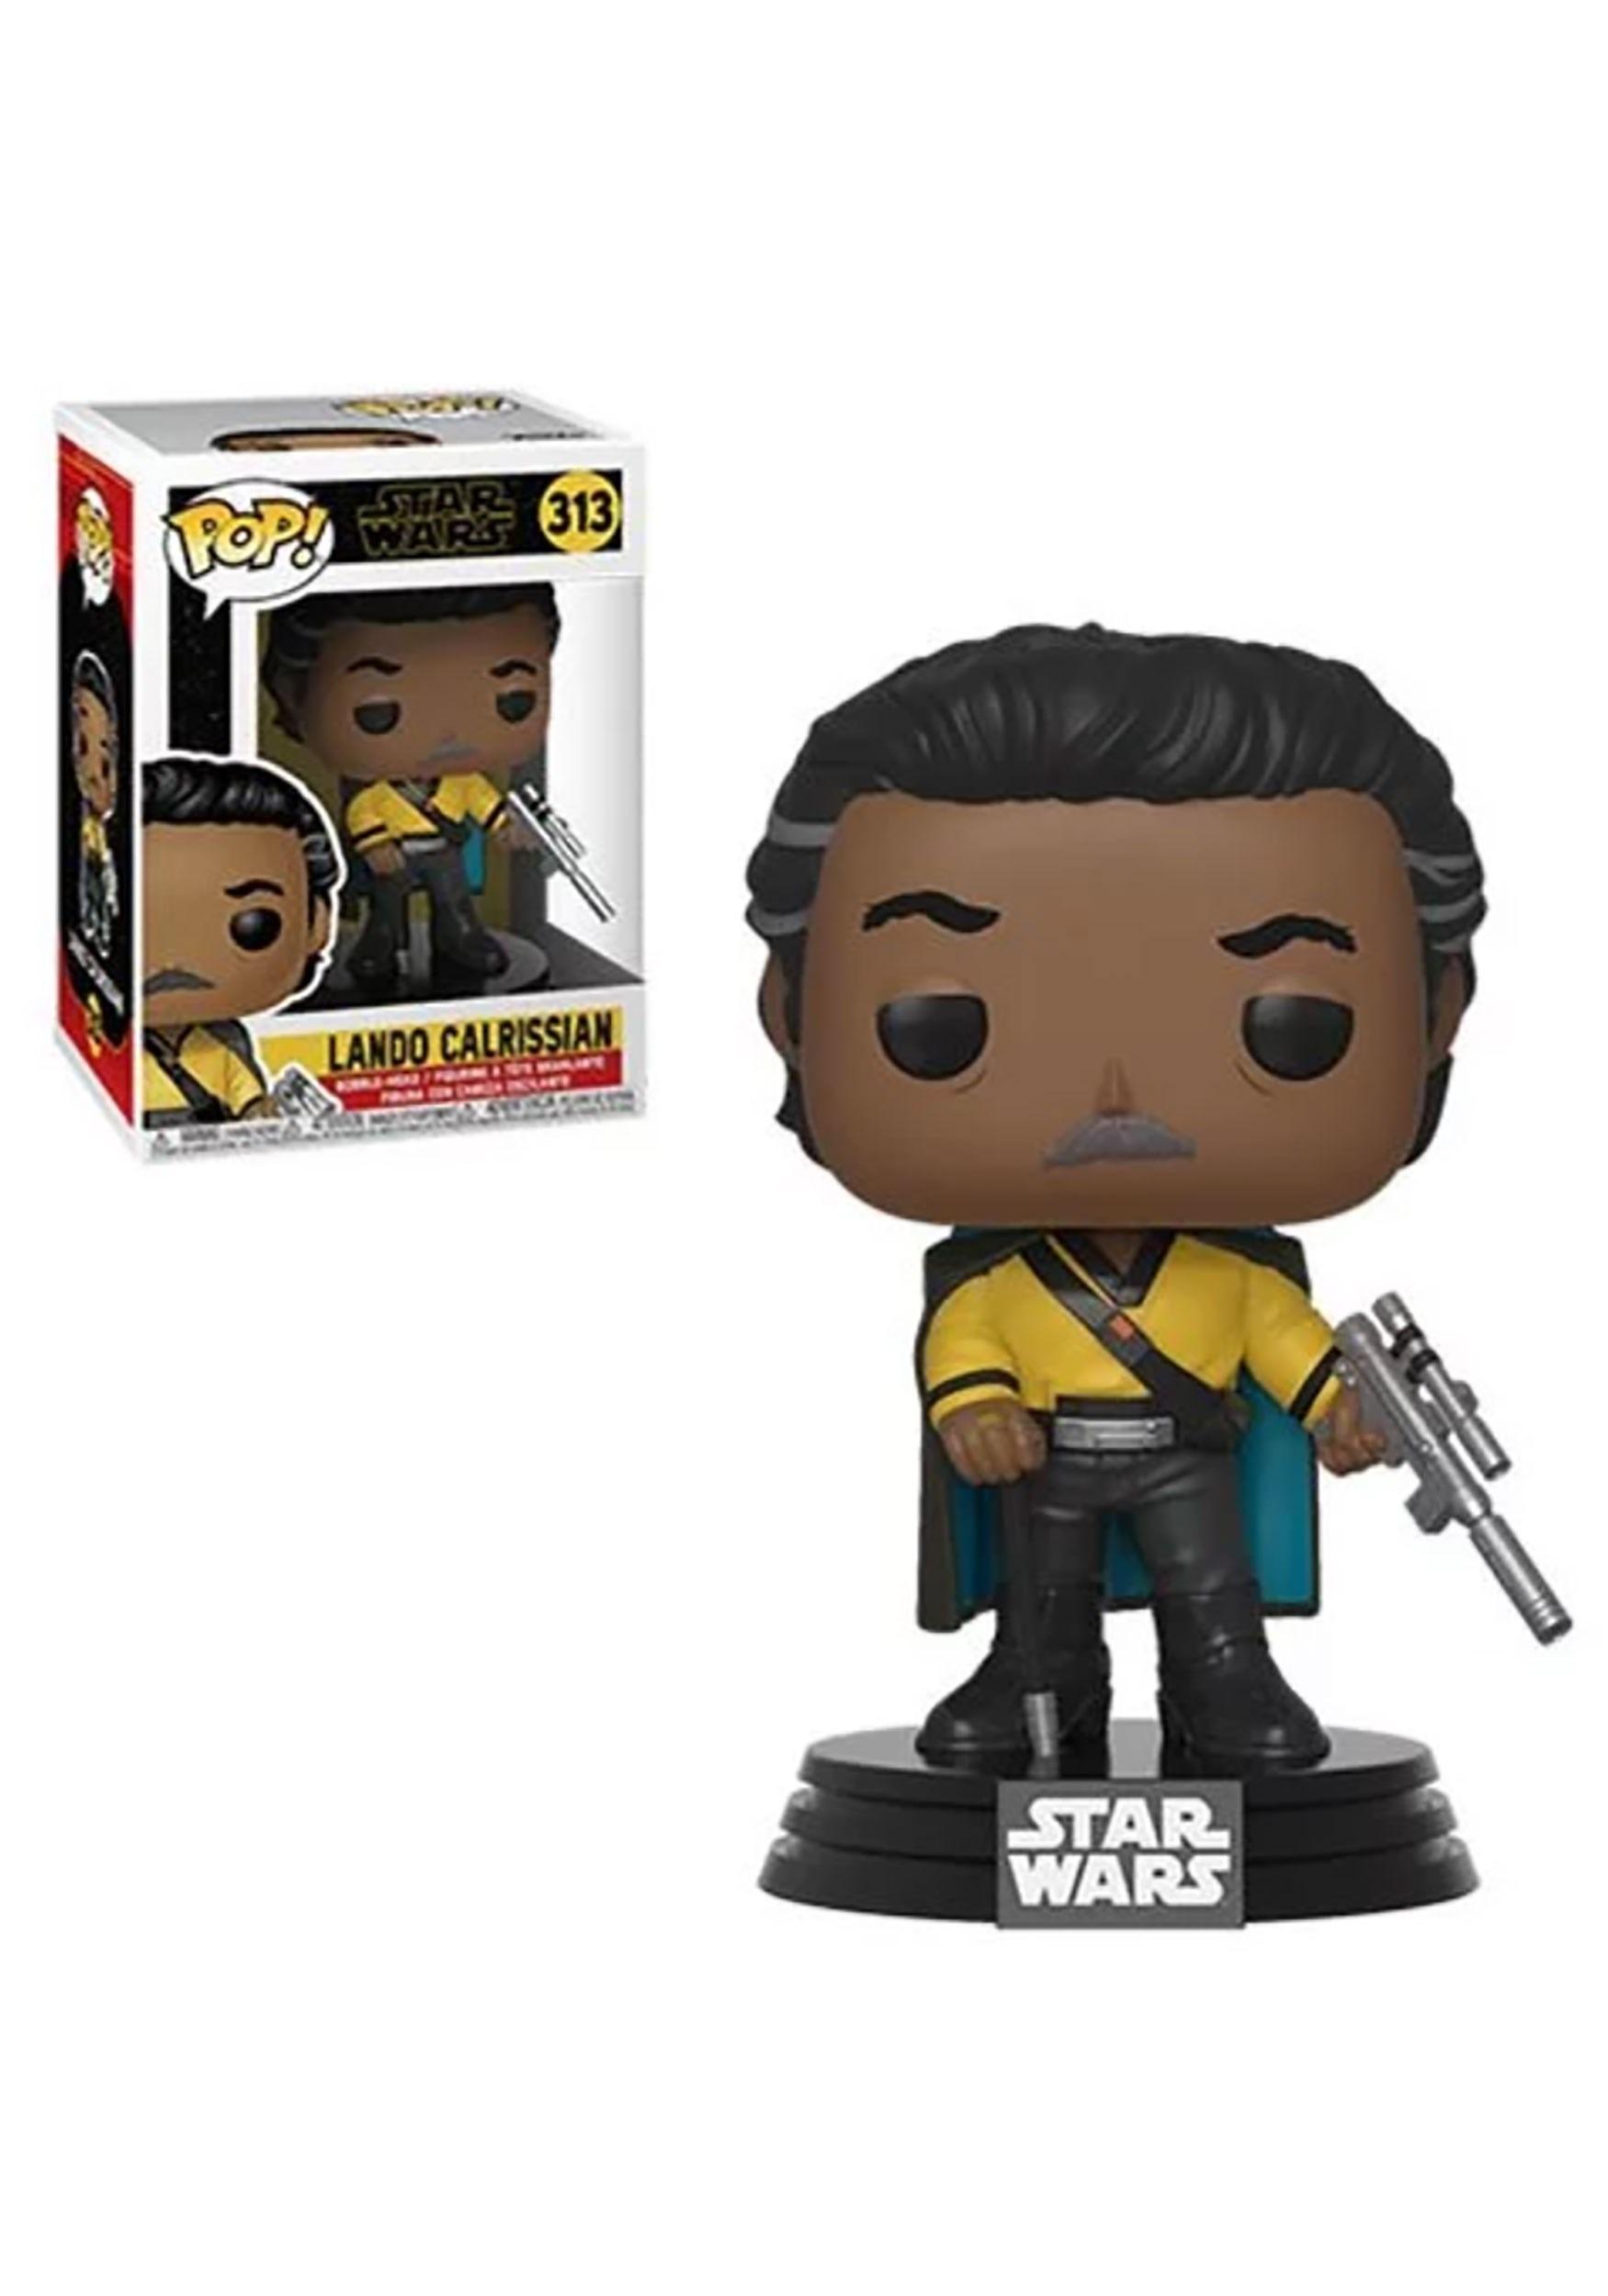 Lando Pop Star Wars The Rise Of Skywalker Bobblehead Figure